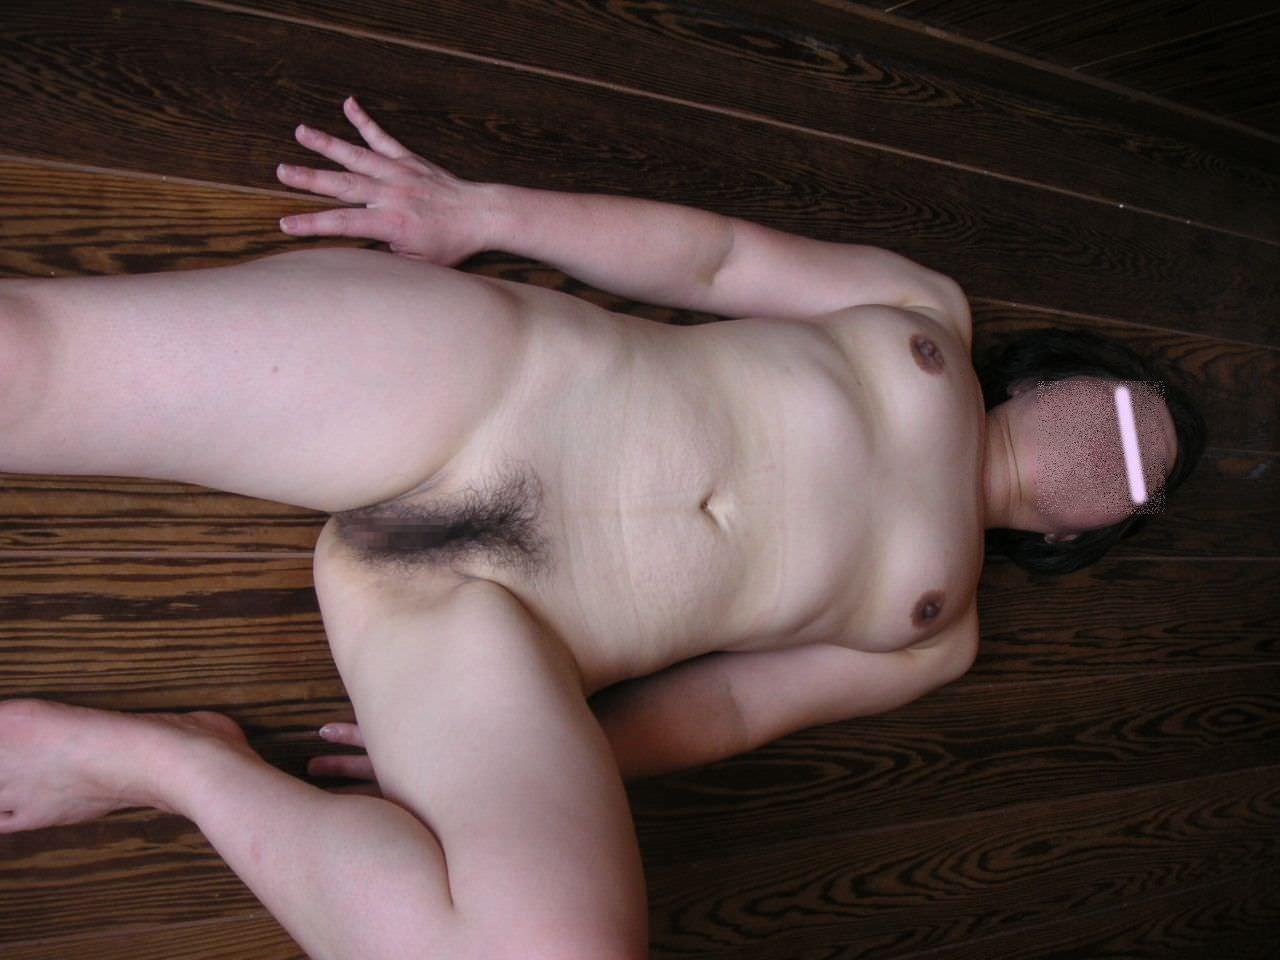 むっちり張り裂けそうな熟女のおっぱいボディがヤバ過ぎる素人妻エロ画像 95